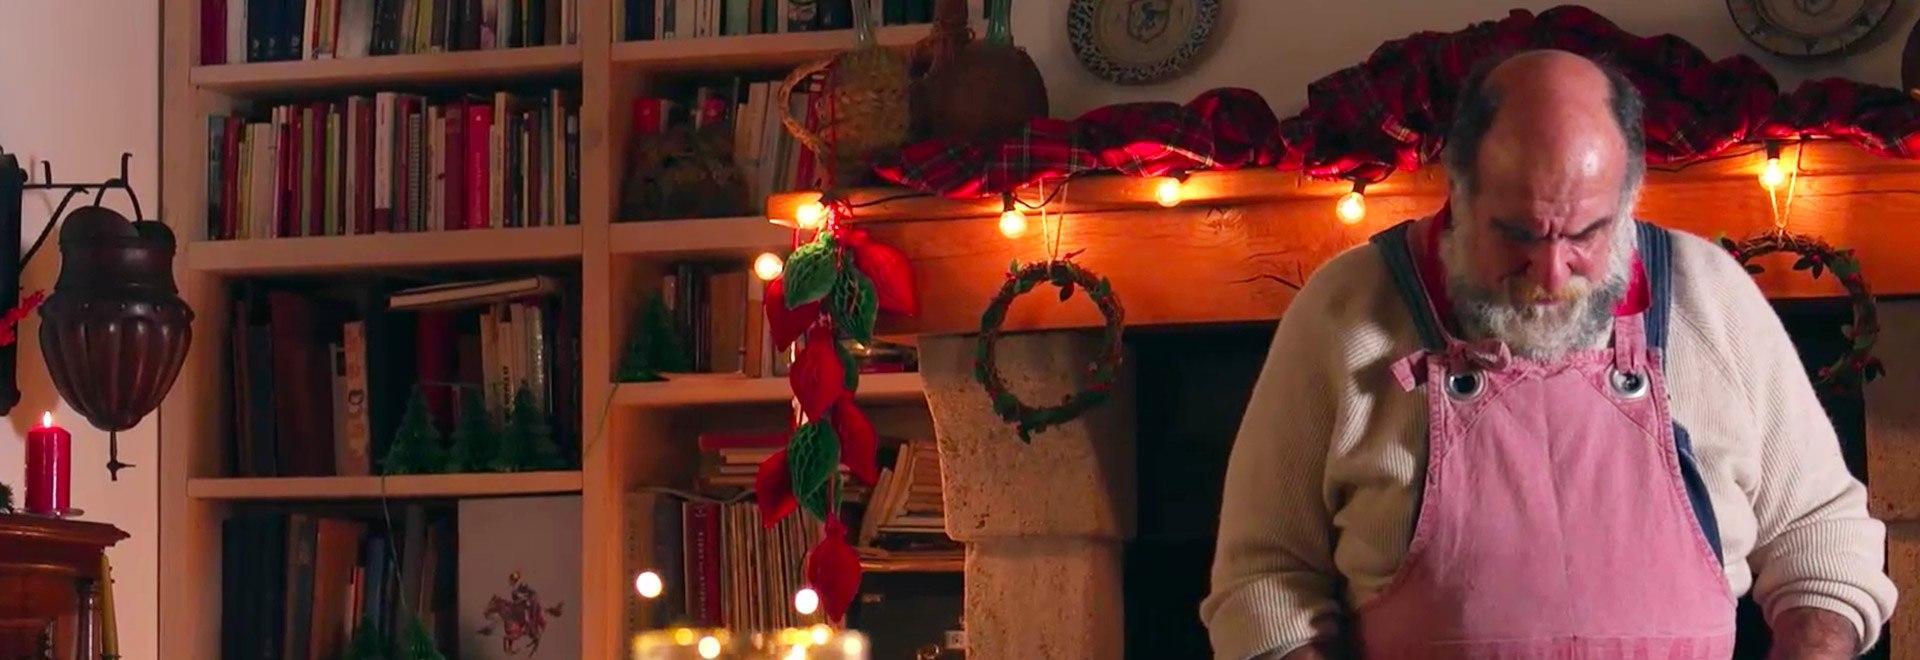 Natale da Giorgione